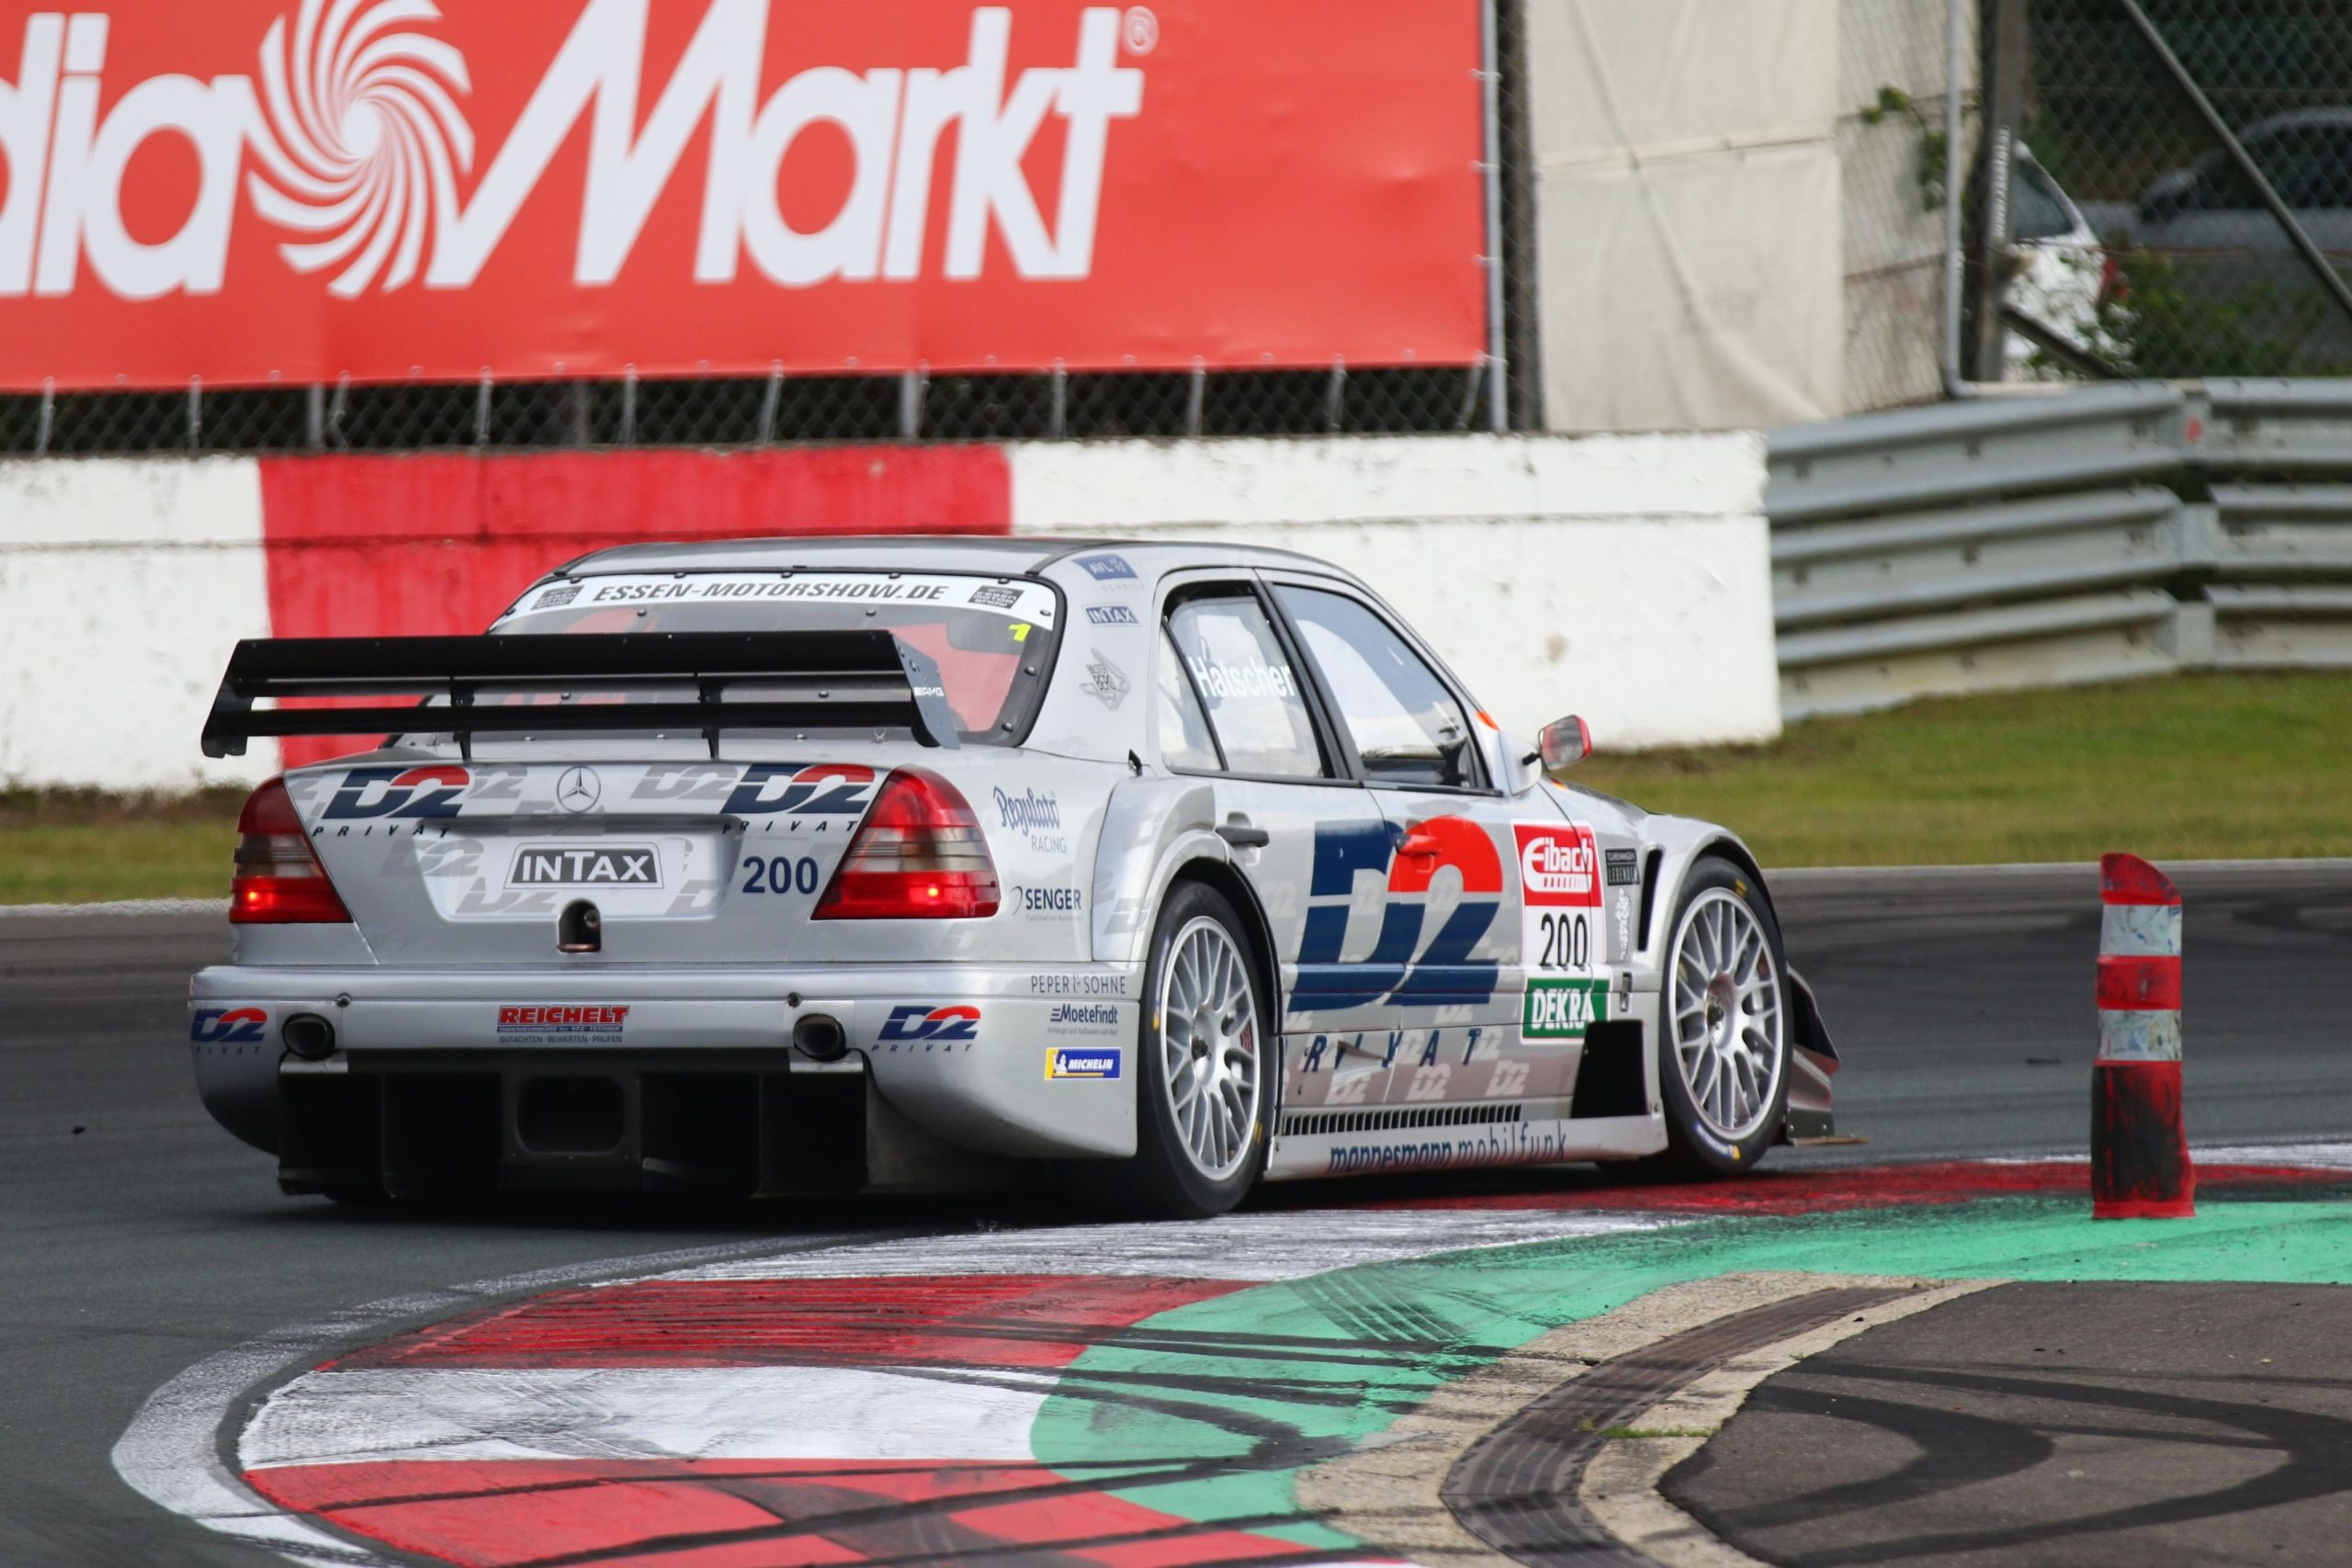 tst-sport-und-technik-DTM-Classic-2021-Zolder-Joerg–Hatscher-AMG-Mercedes-C-Klasse-ITC-1996